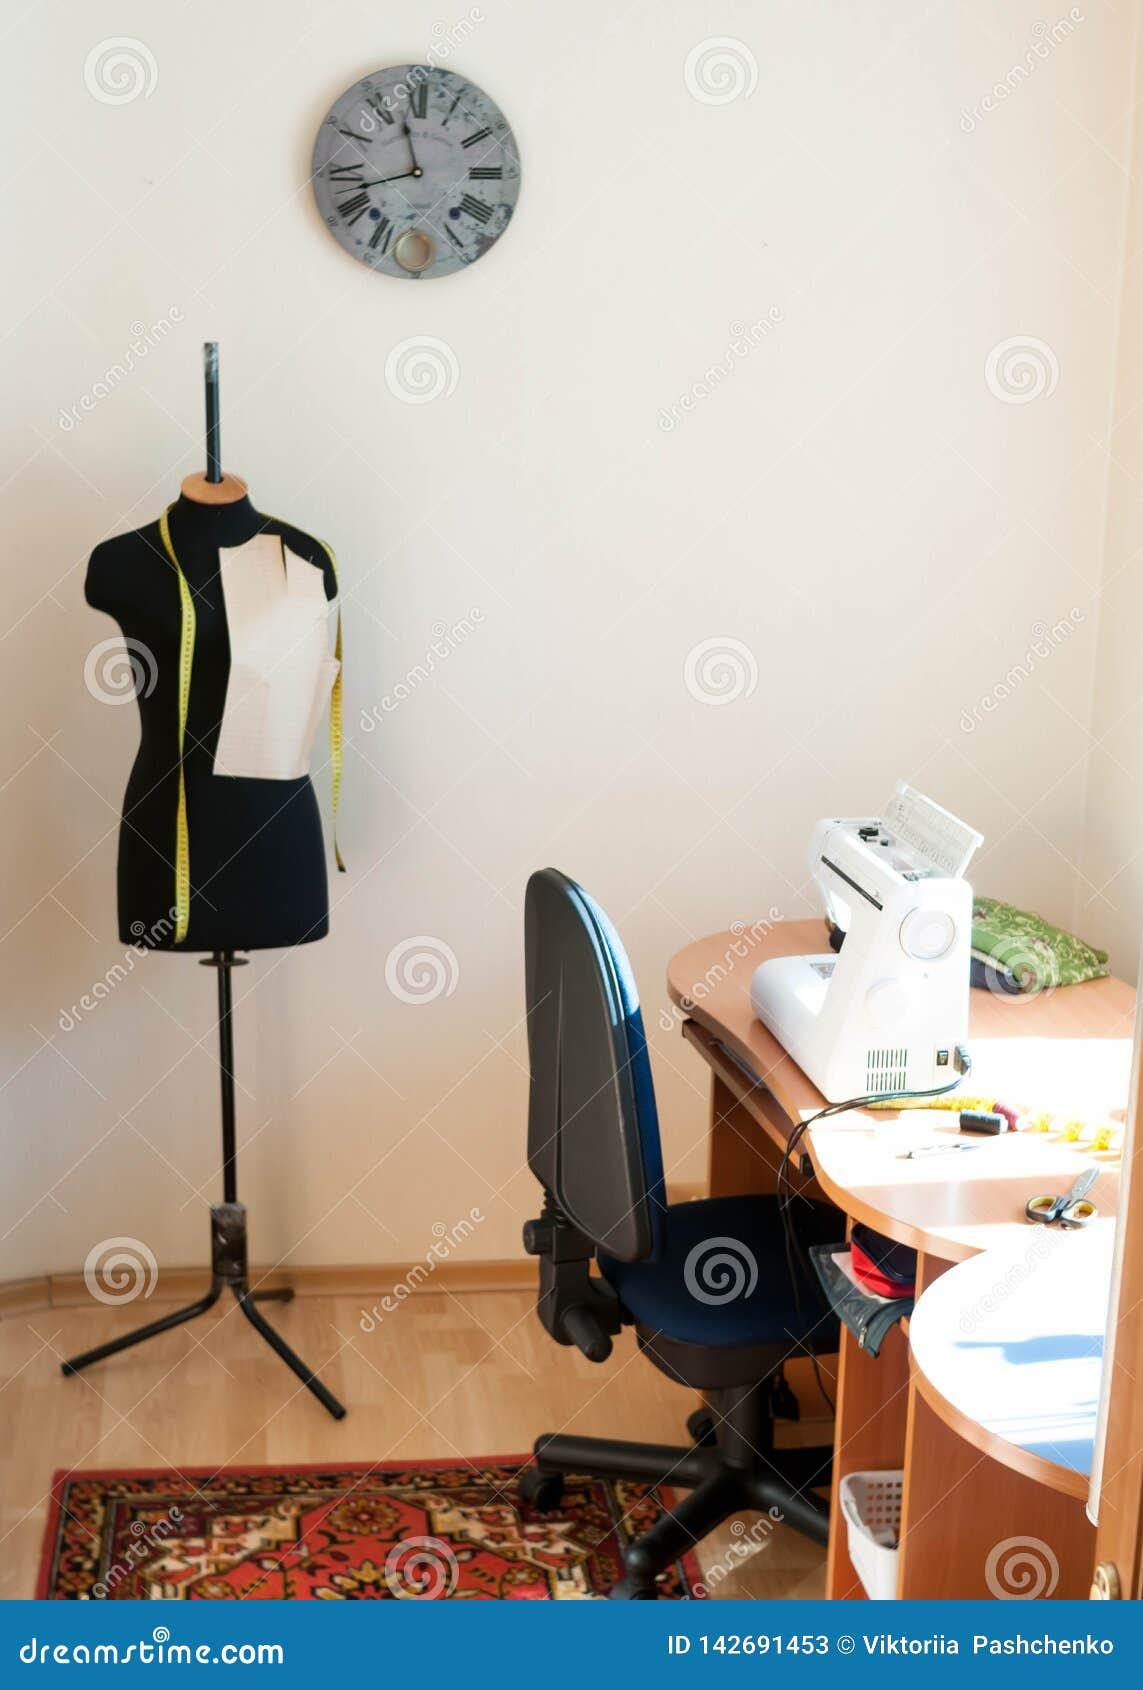 Mannequin i drewniany stół z szwalną maszyną